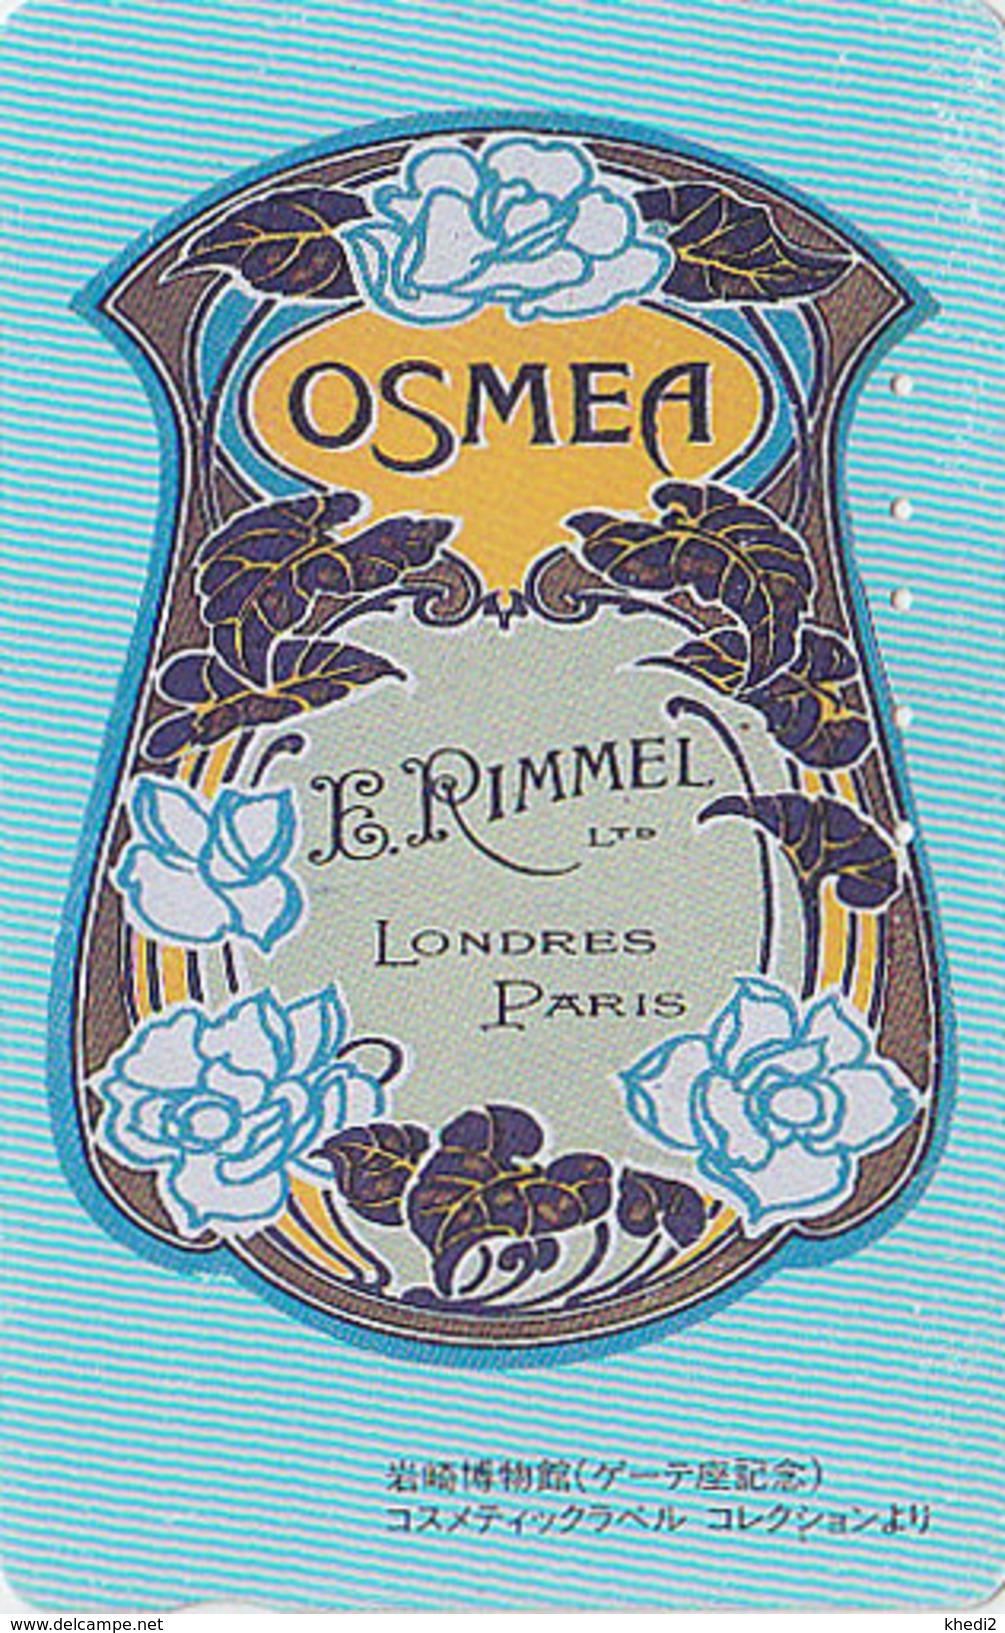 Télécarte Japon / 110-011 - PARFUM - OSMEA * RIMMEL / LONDON PARIS FRANCE - PERFUME Japan Phonecard - PARFÜM - 247 - Perfume